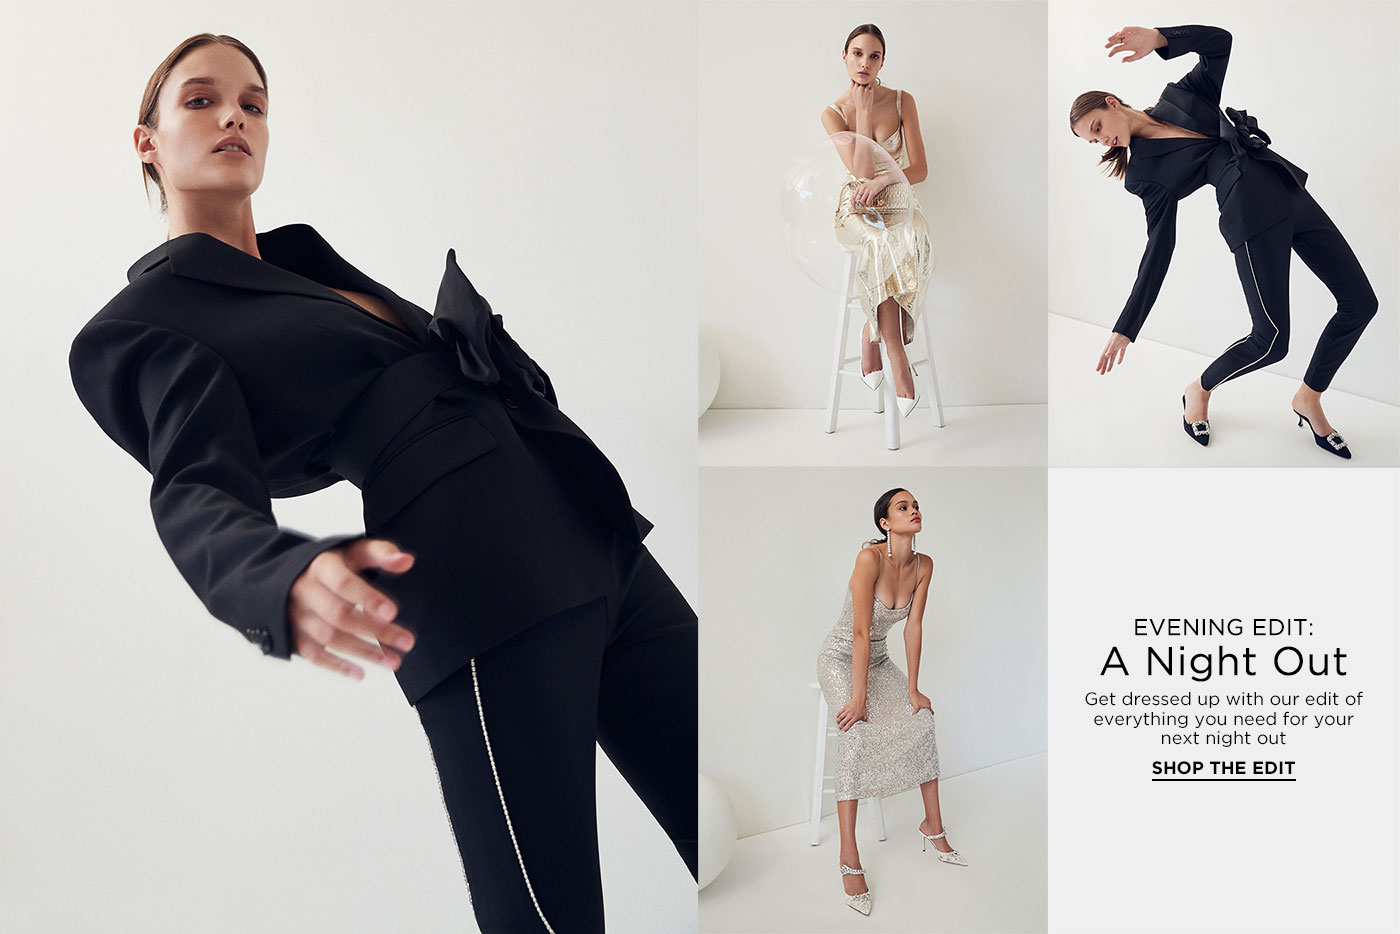 fdadcb95aa73 FWRD by Elyse Walker: The Online Destination for Premier Luxury Fashion